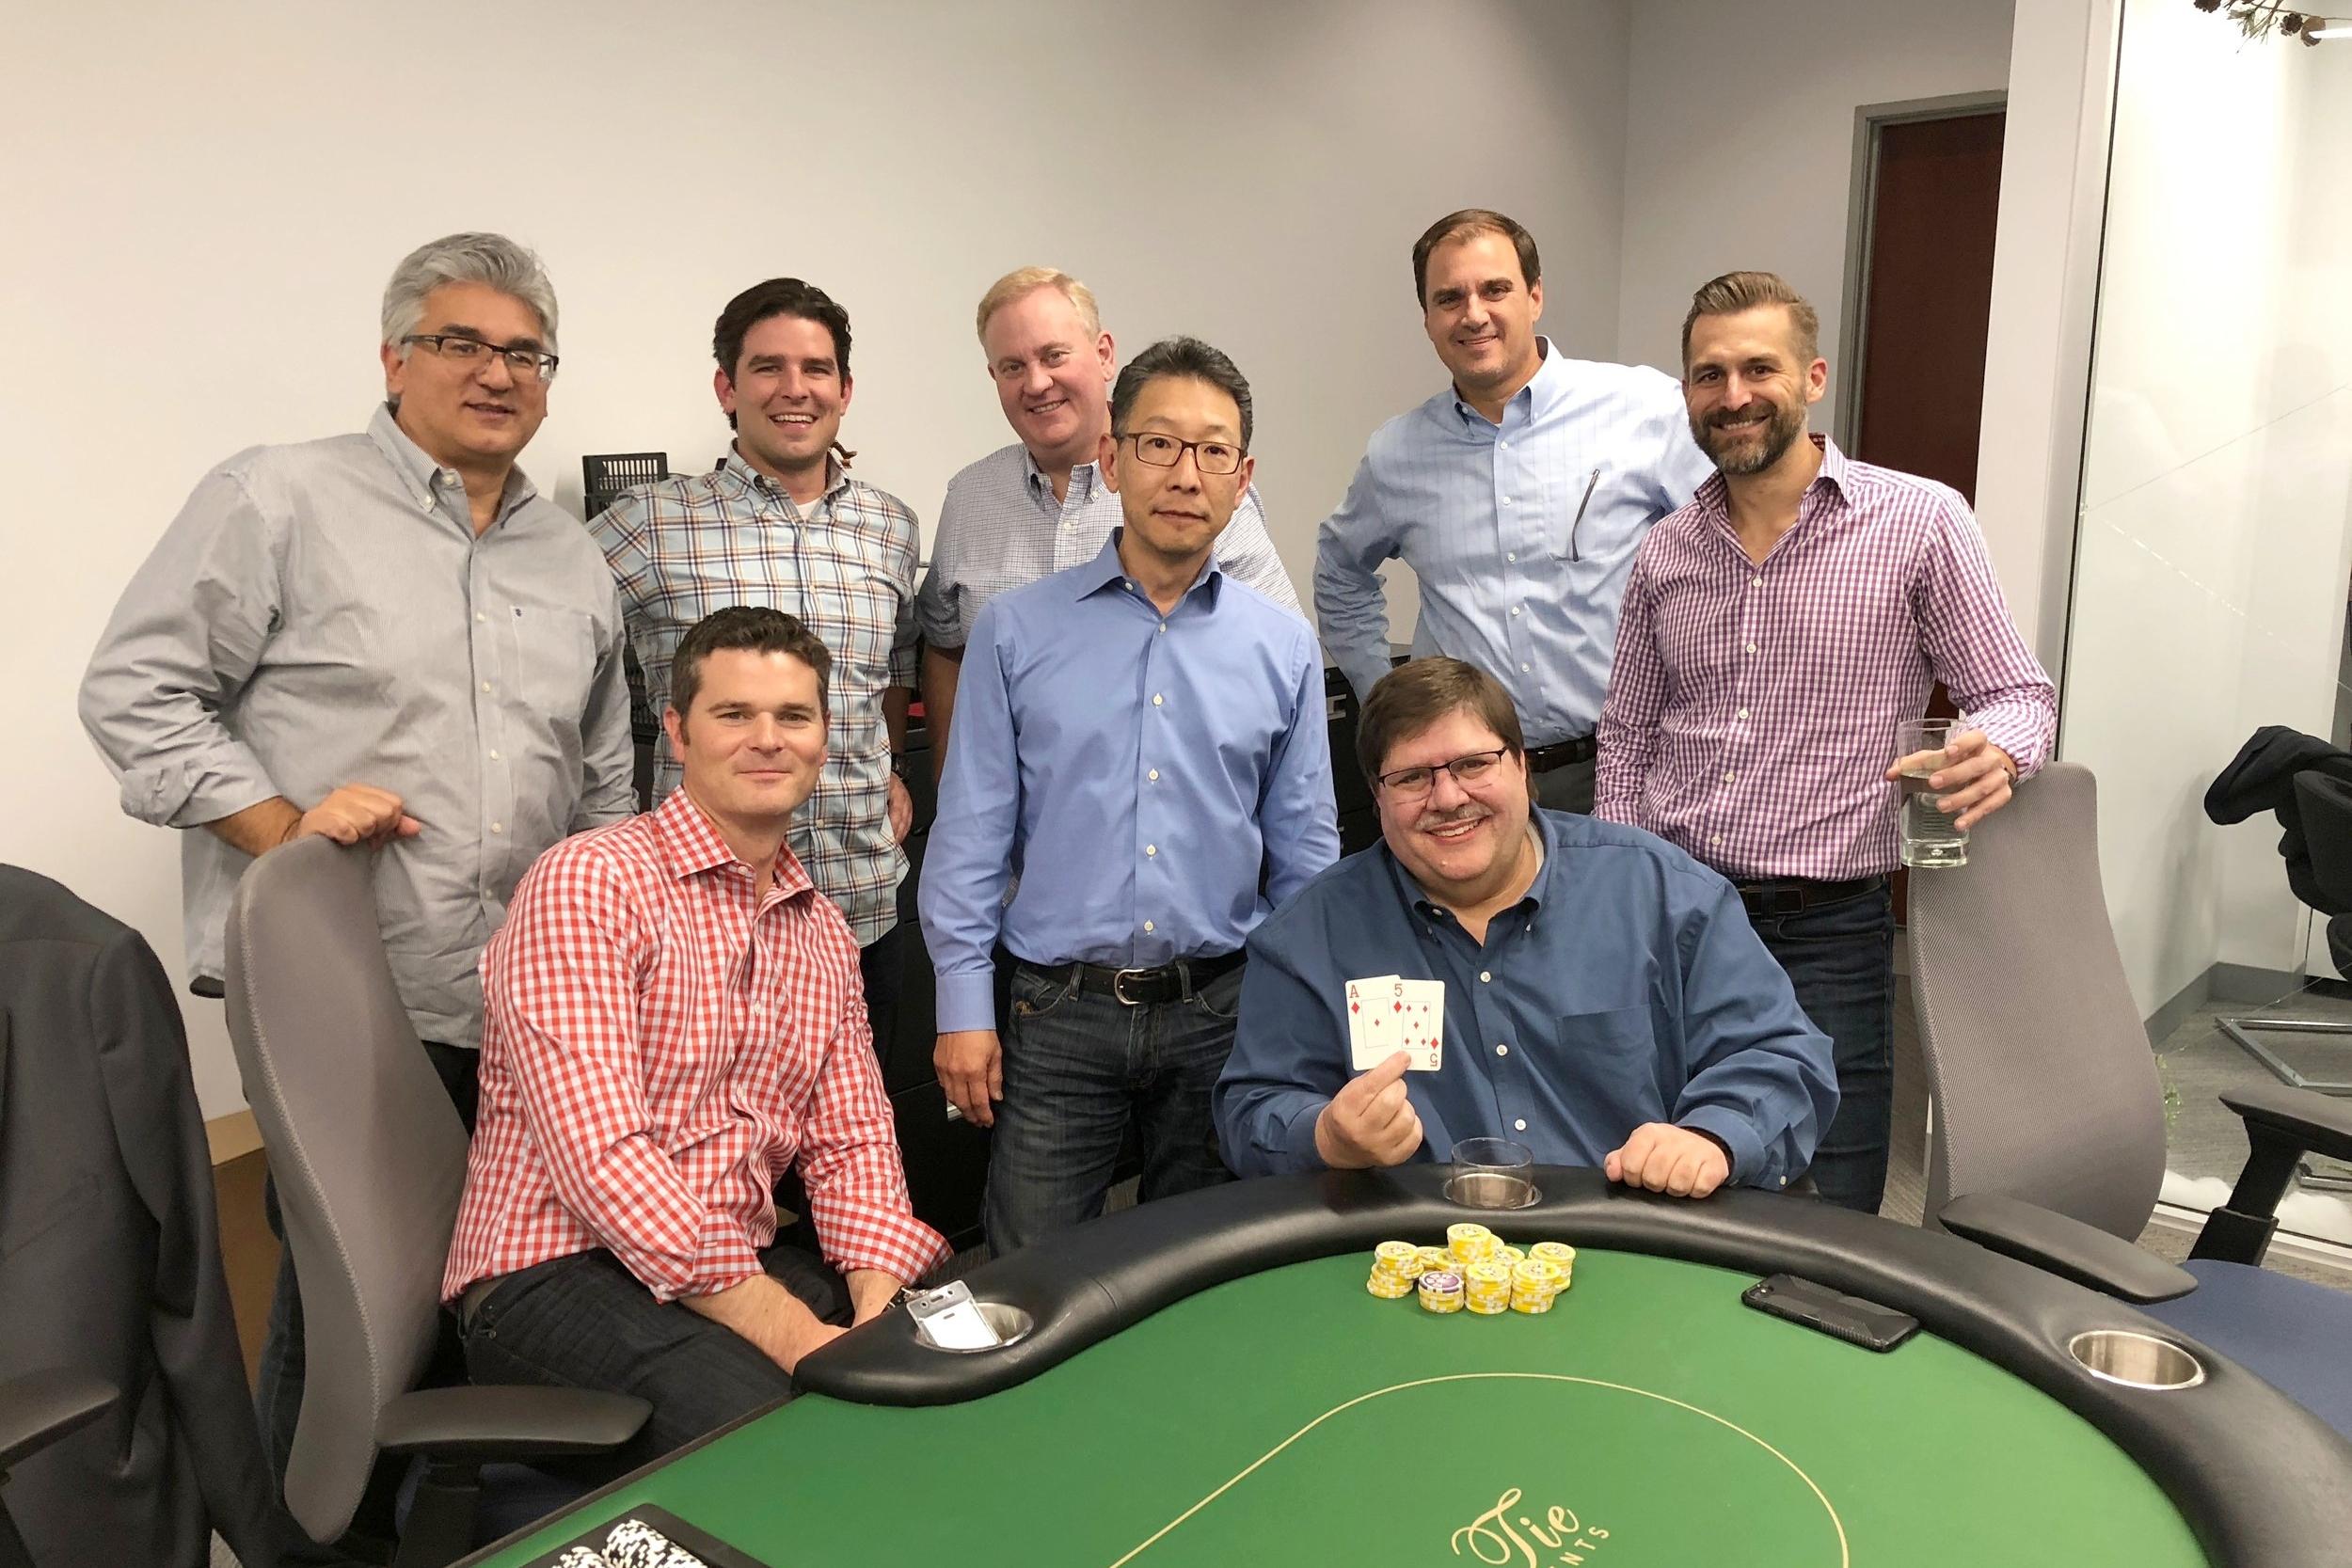 poker tourney 3.jpg